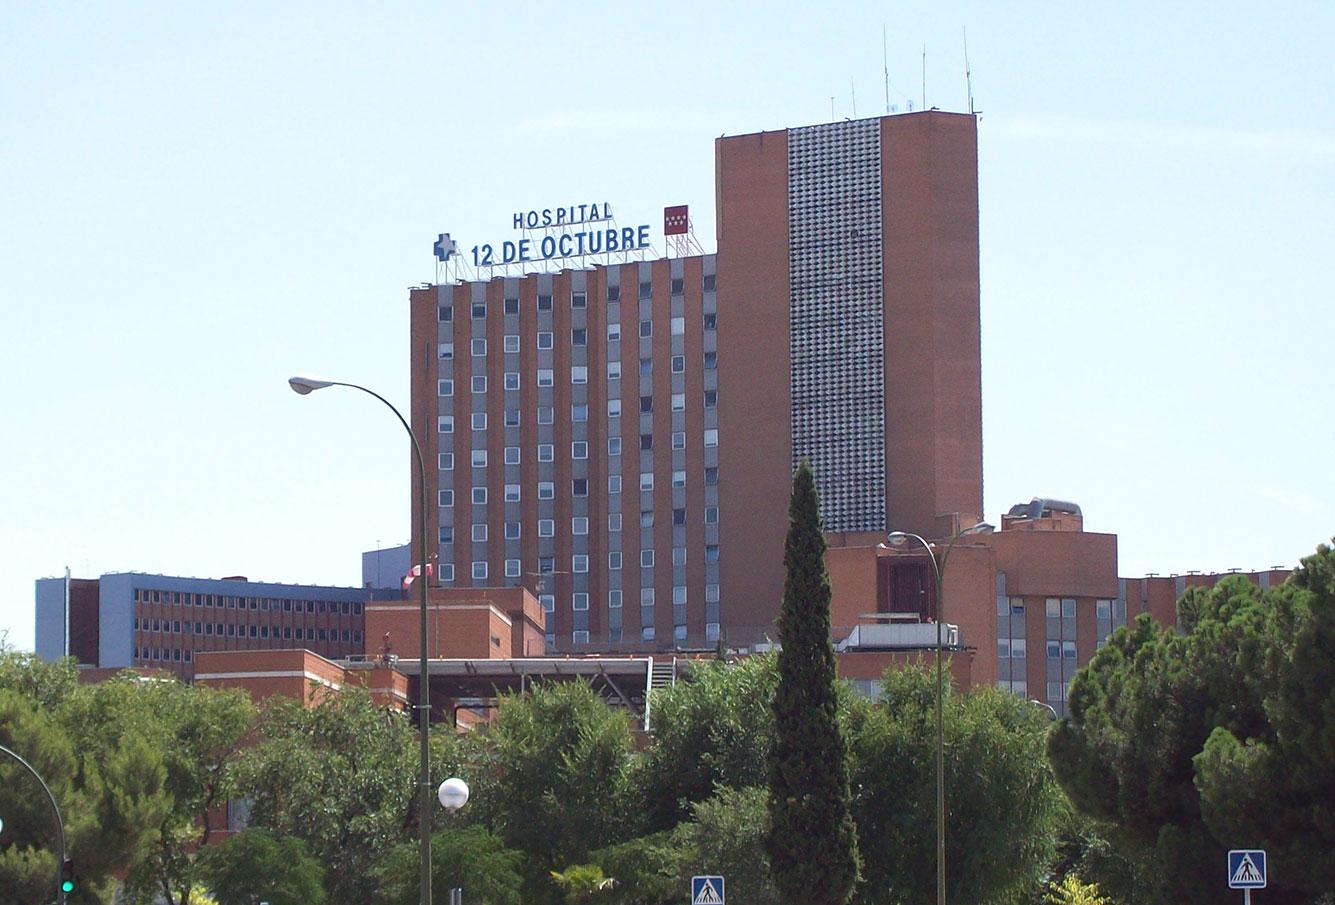 Hospital 12octubre